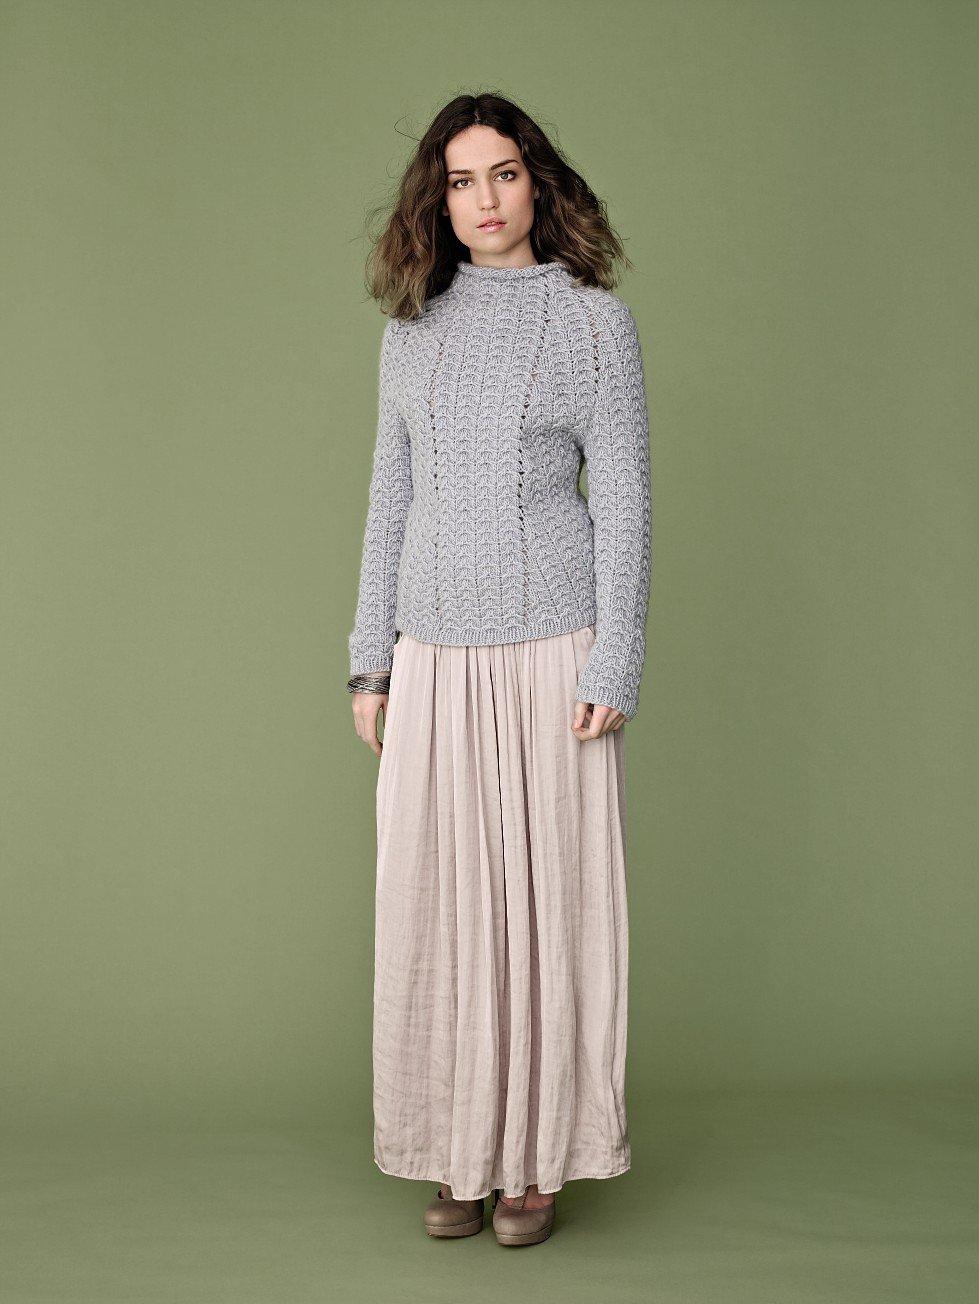 Вязание спицами мужские джемпера пуловеры свитера с описанием